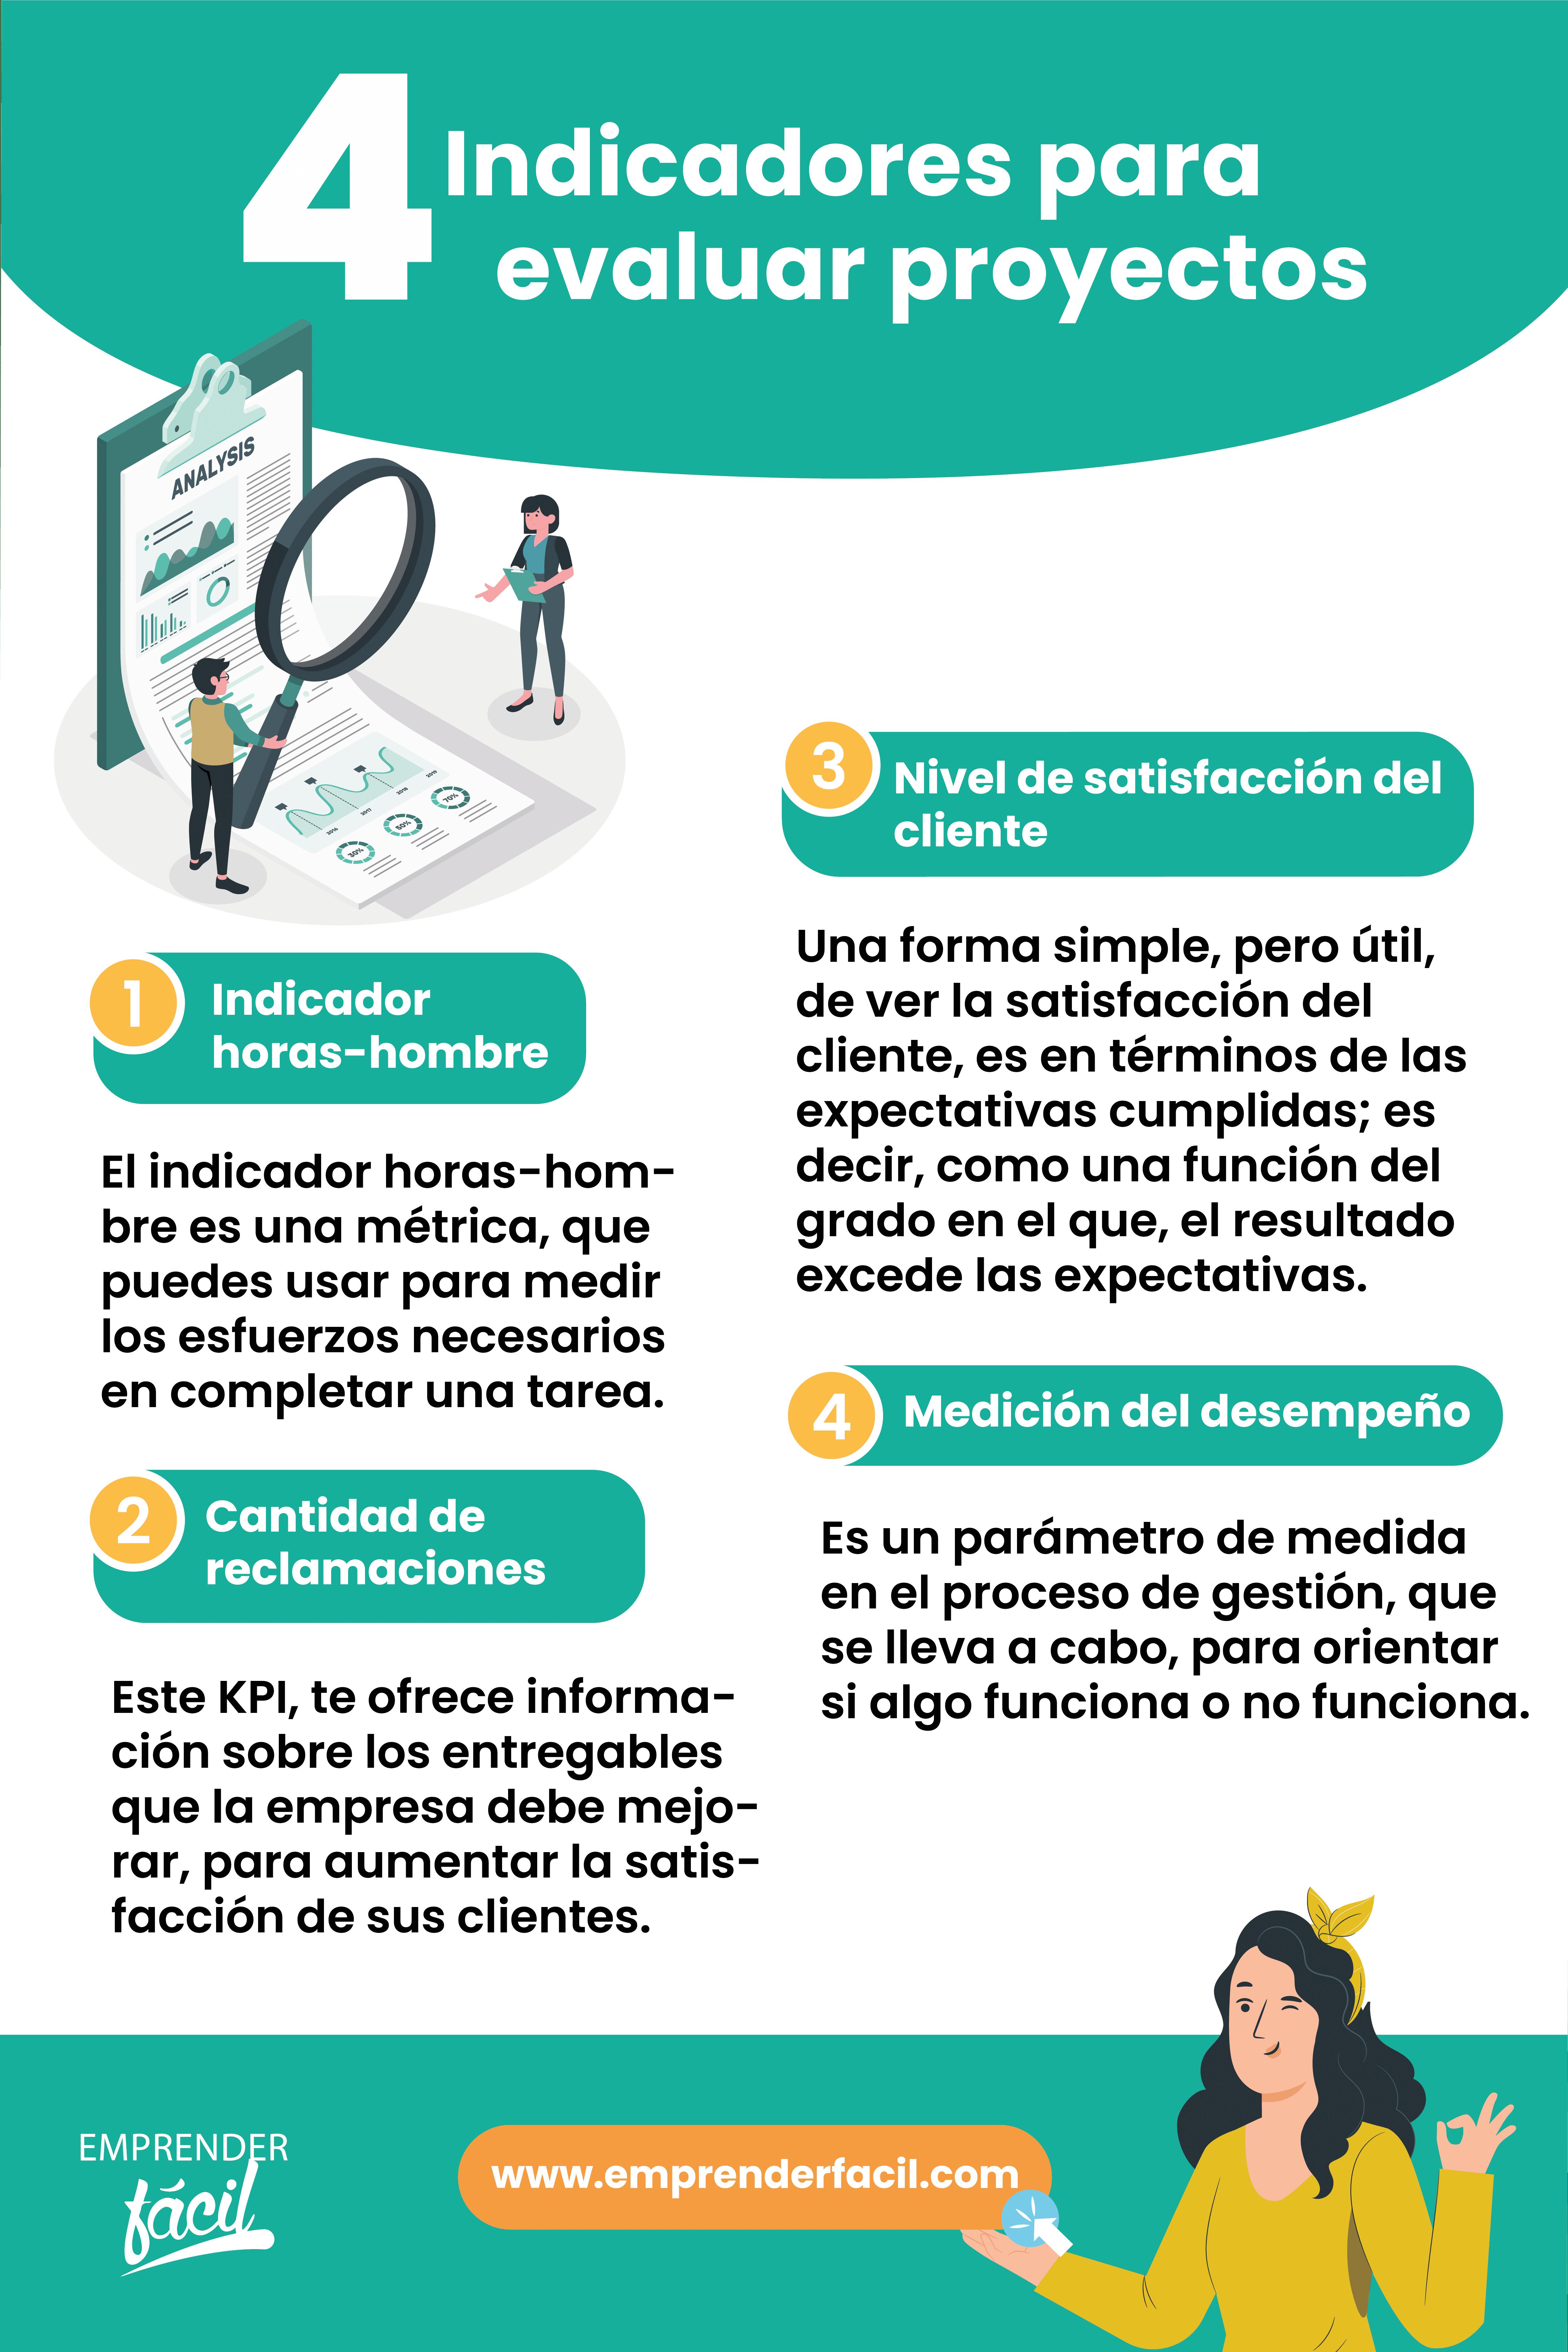 Indicadores para evaluar proyectos en pymes 2/2.